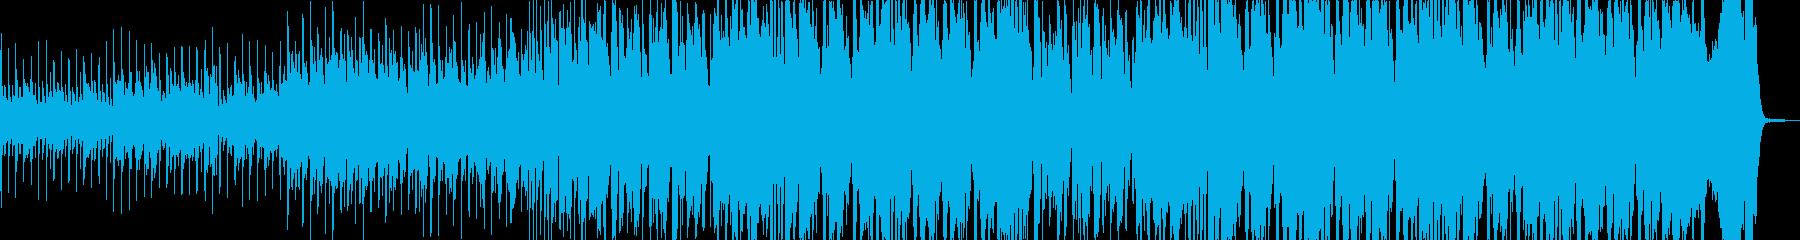 ジプシー風怪しい小編成ビッグバンドジャズの再生済みの波形